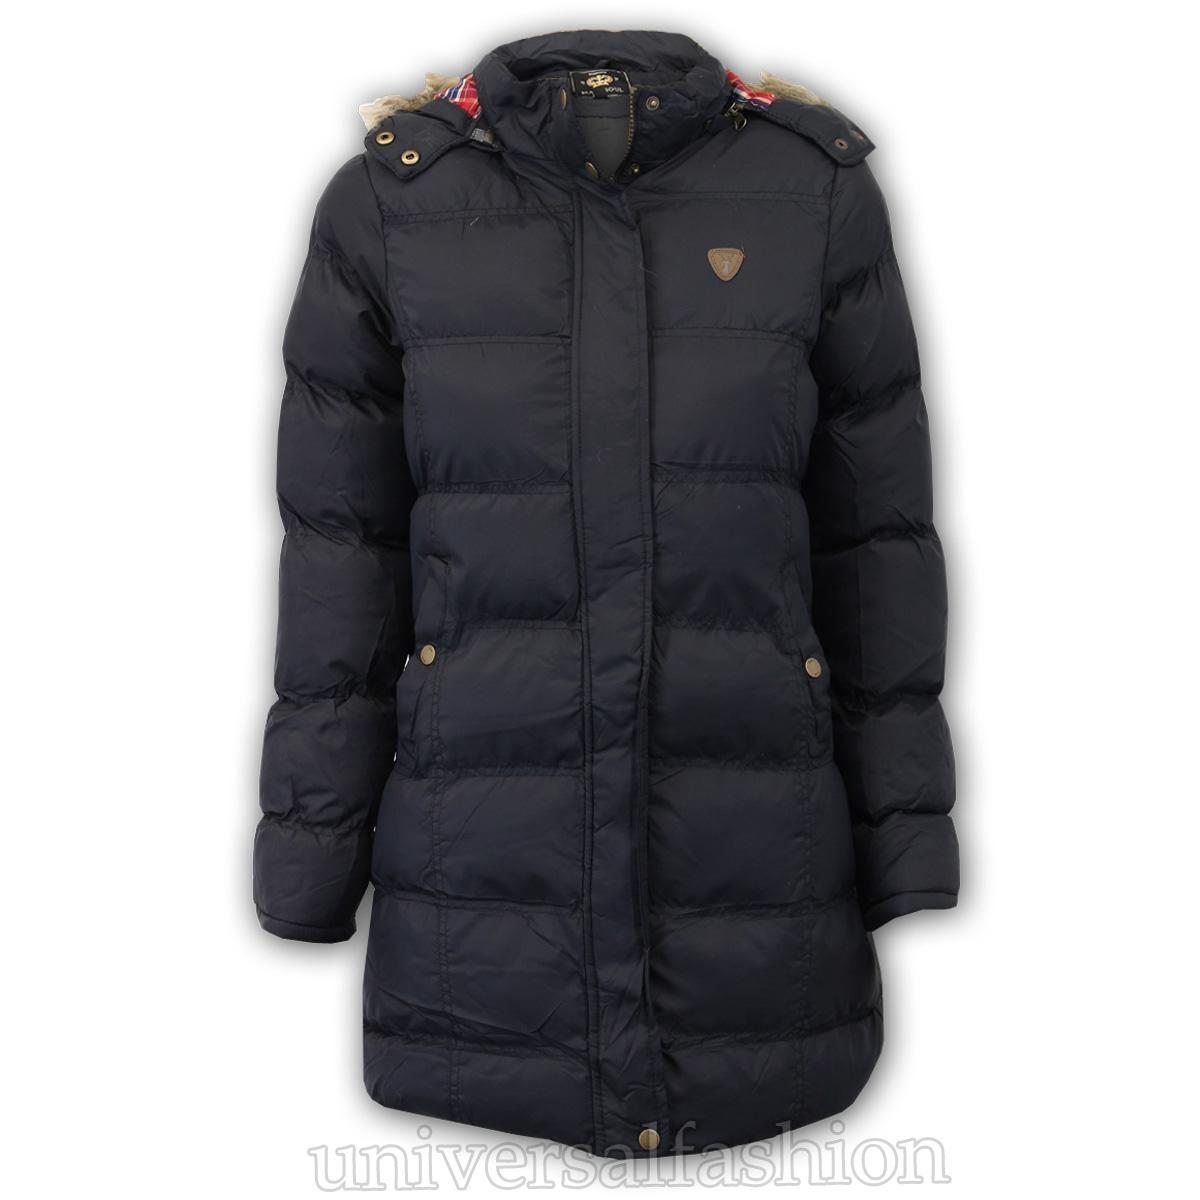 da3699d7c Girls Parka Jacket Brave Soul Kids Coat Hooded Padded Tartan Fur ...